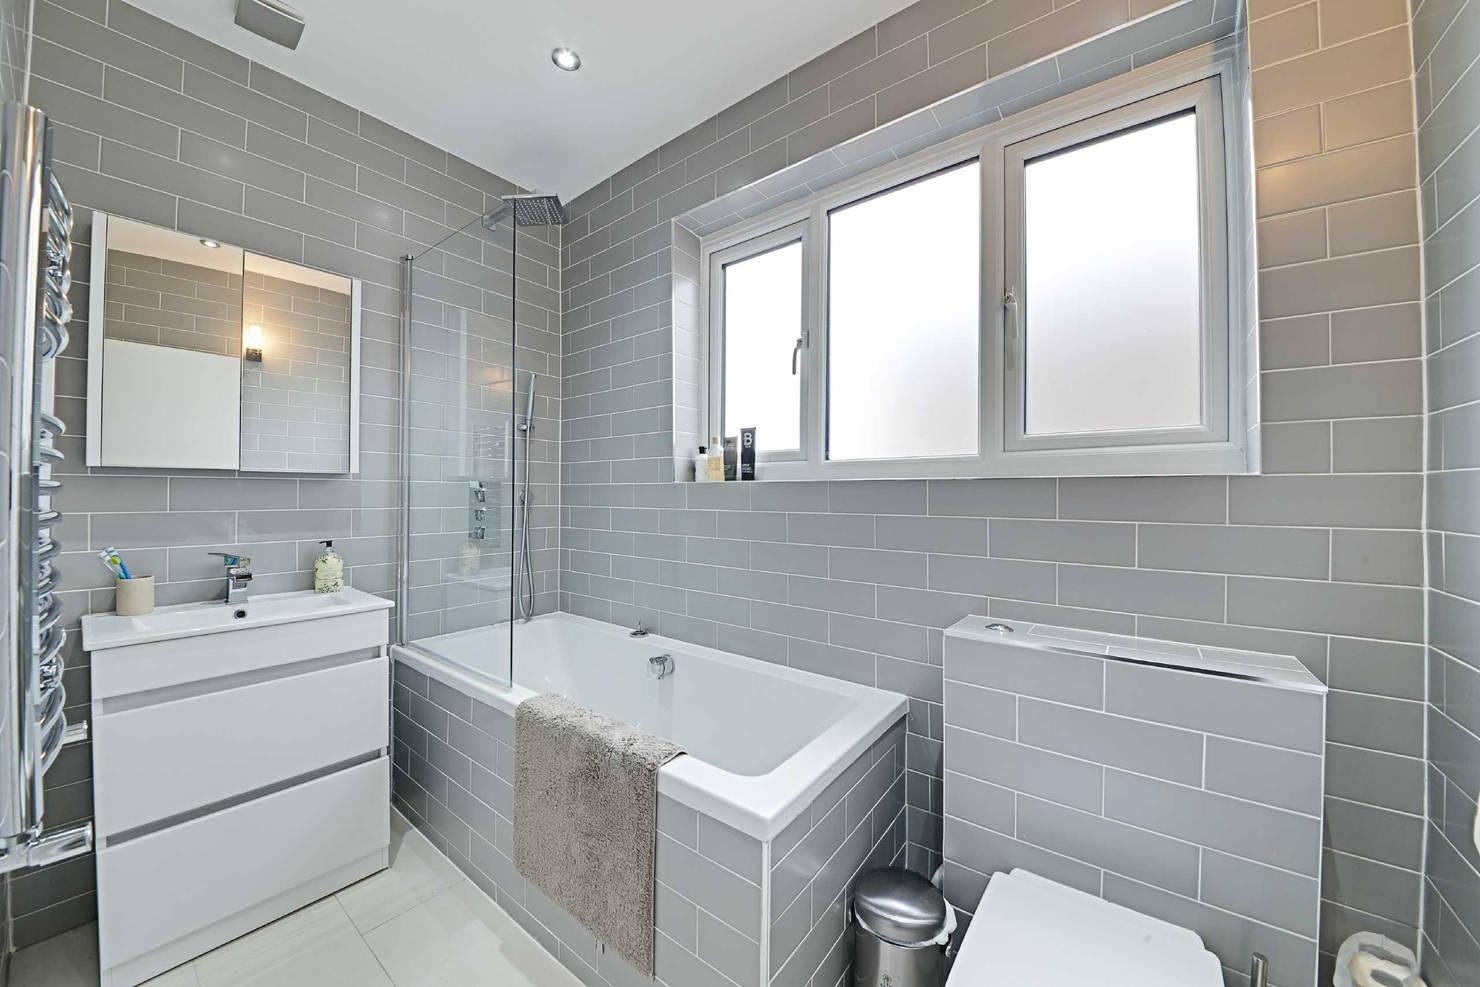 365일 쾌적하게. 건식 욕실을 위한 청소 꿀팁 6